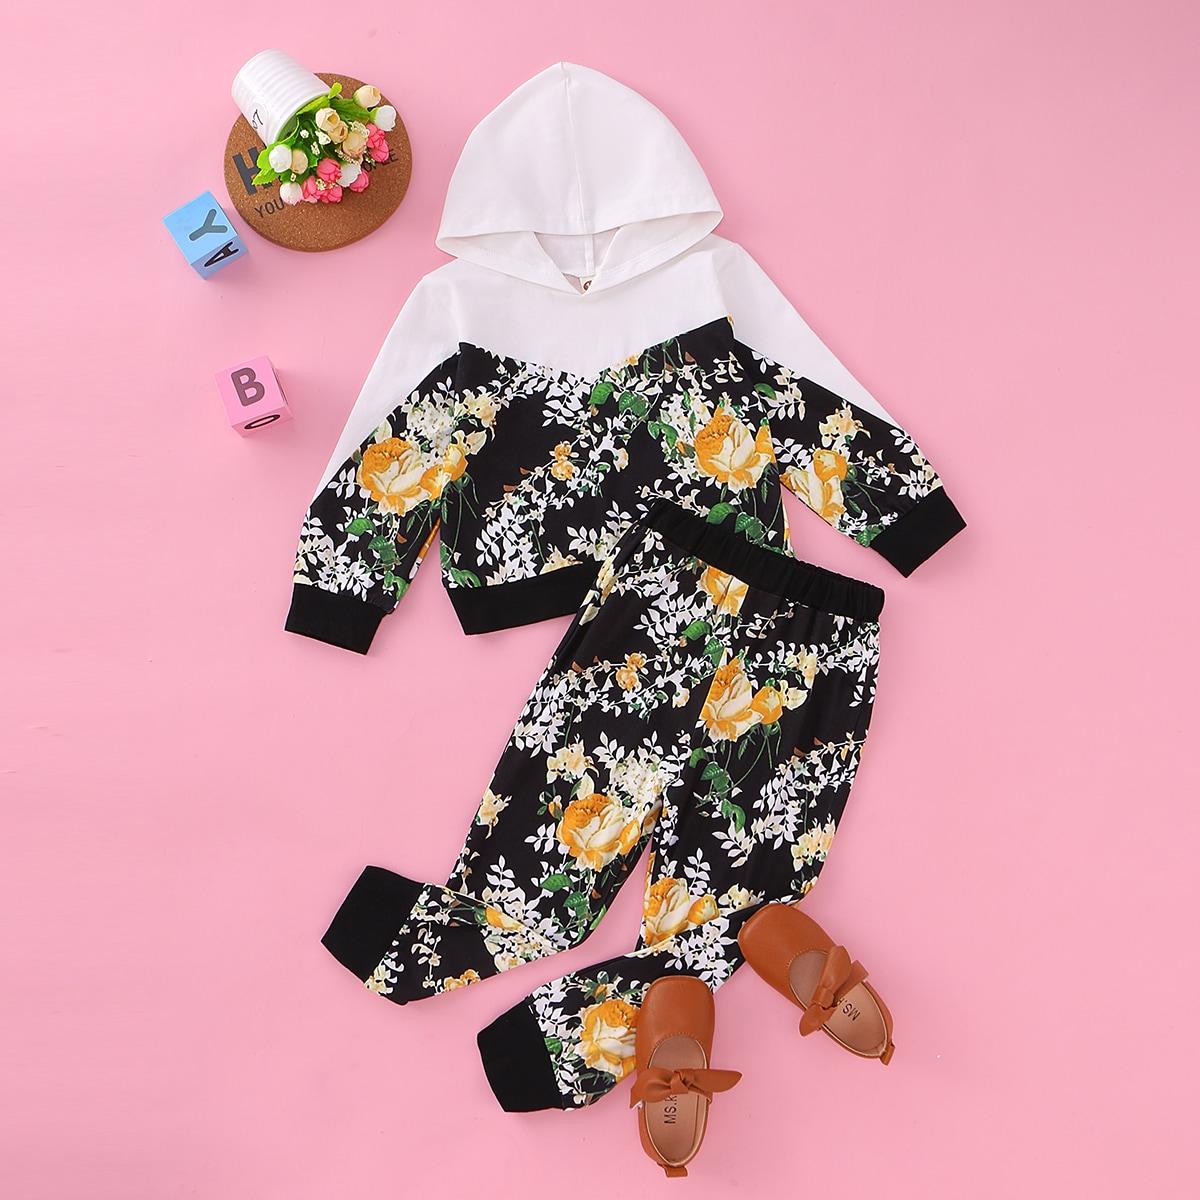 SHEIN / Vielfarbig Pflanzen  Lässig Kleinkind Mädchen zweiteilige Outfits